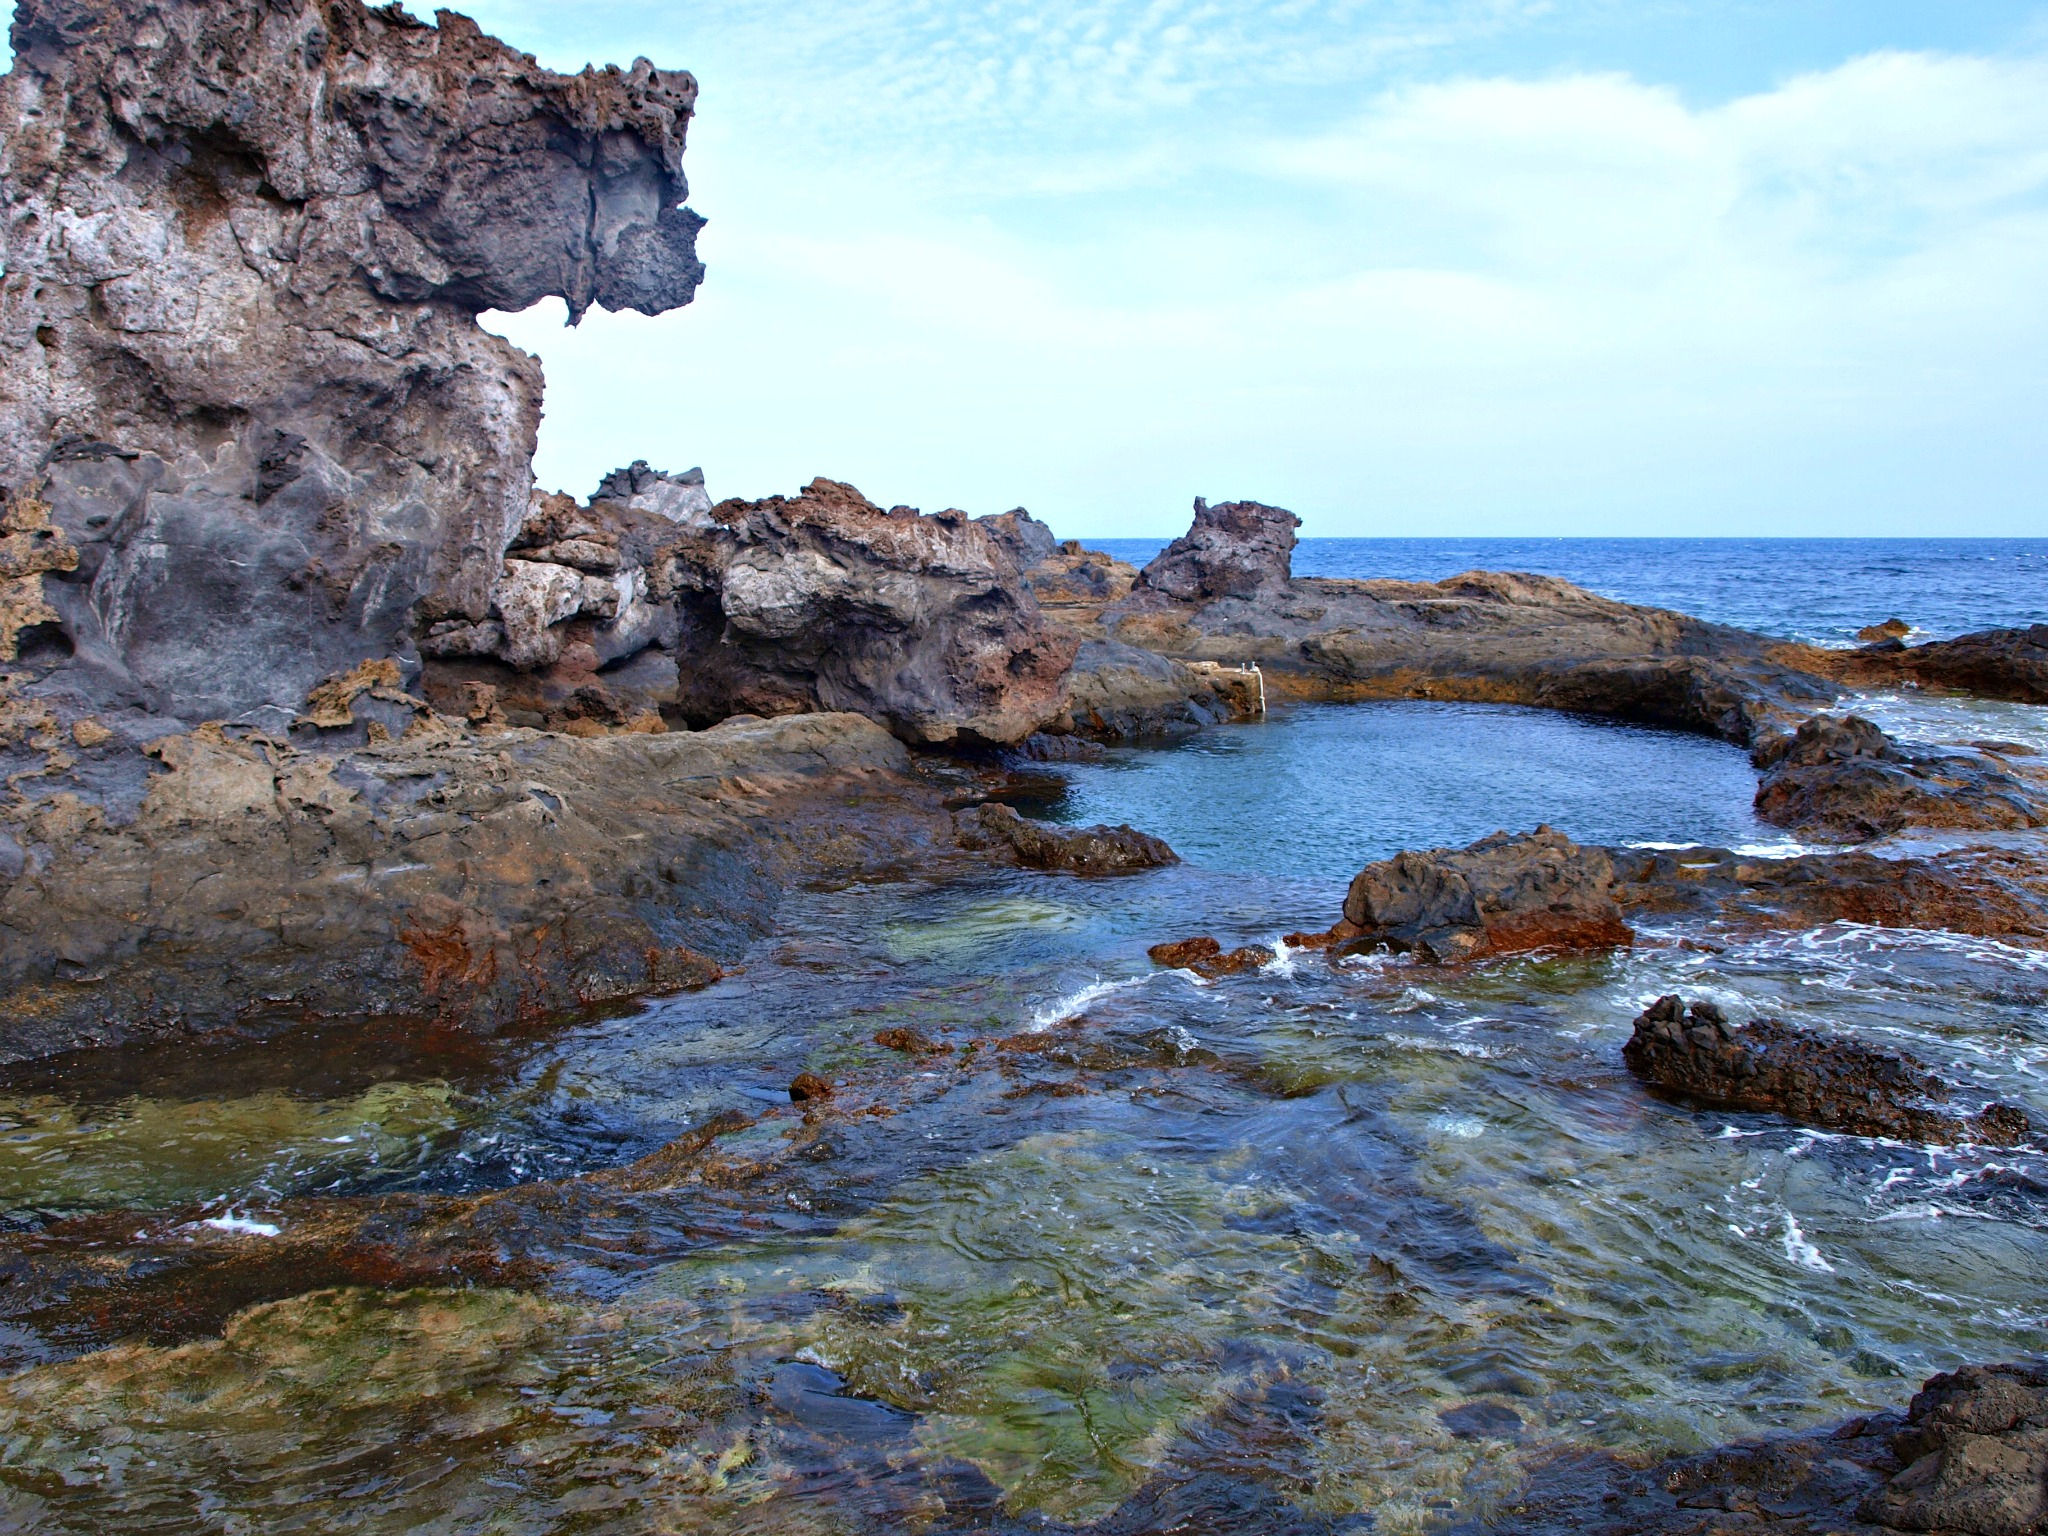 Piscines Naturelles De Tenerife   A Global Culture encequiconcerne Piscine Naturelle Tenerife